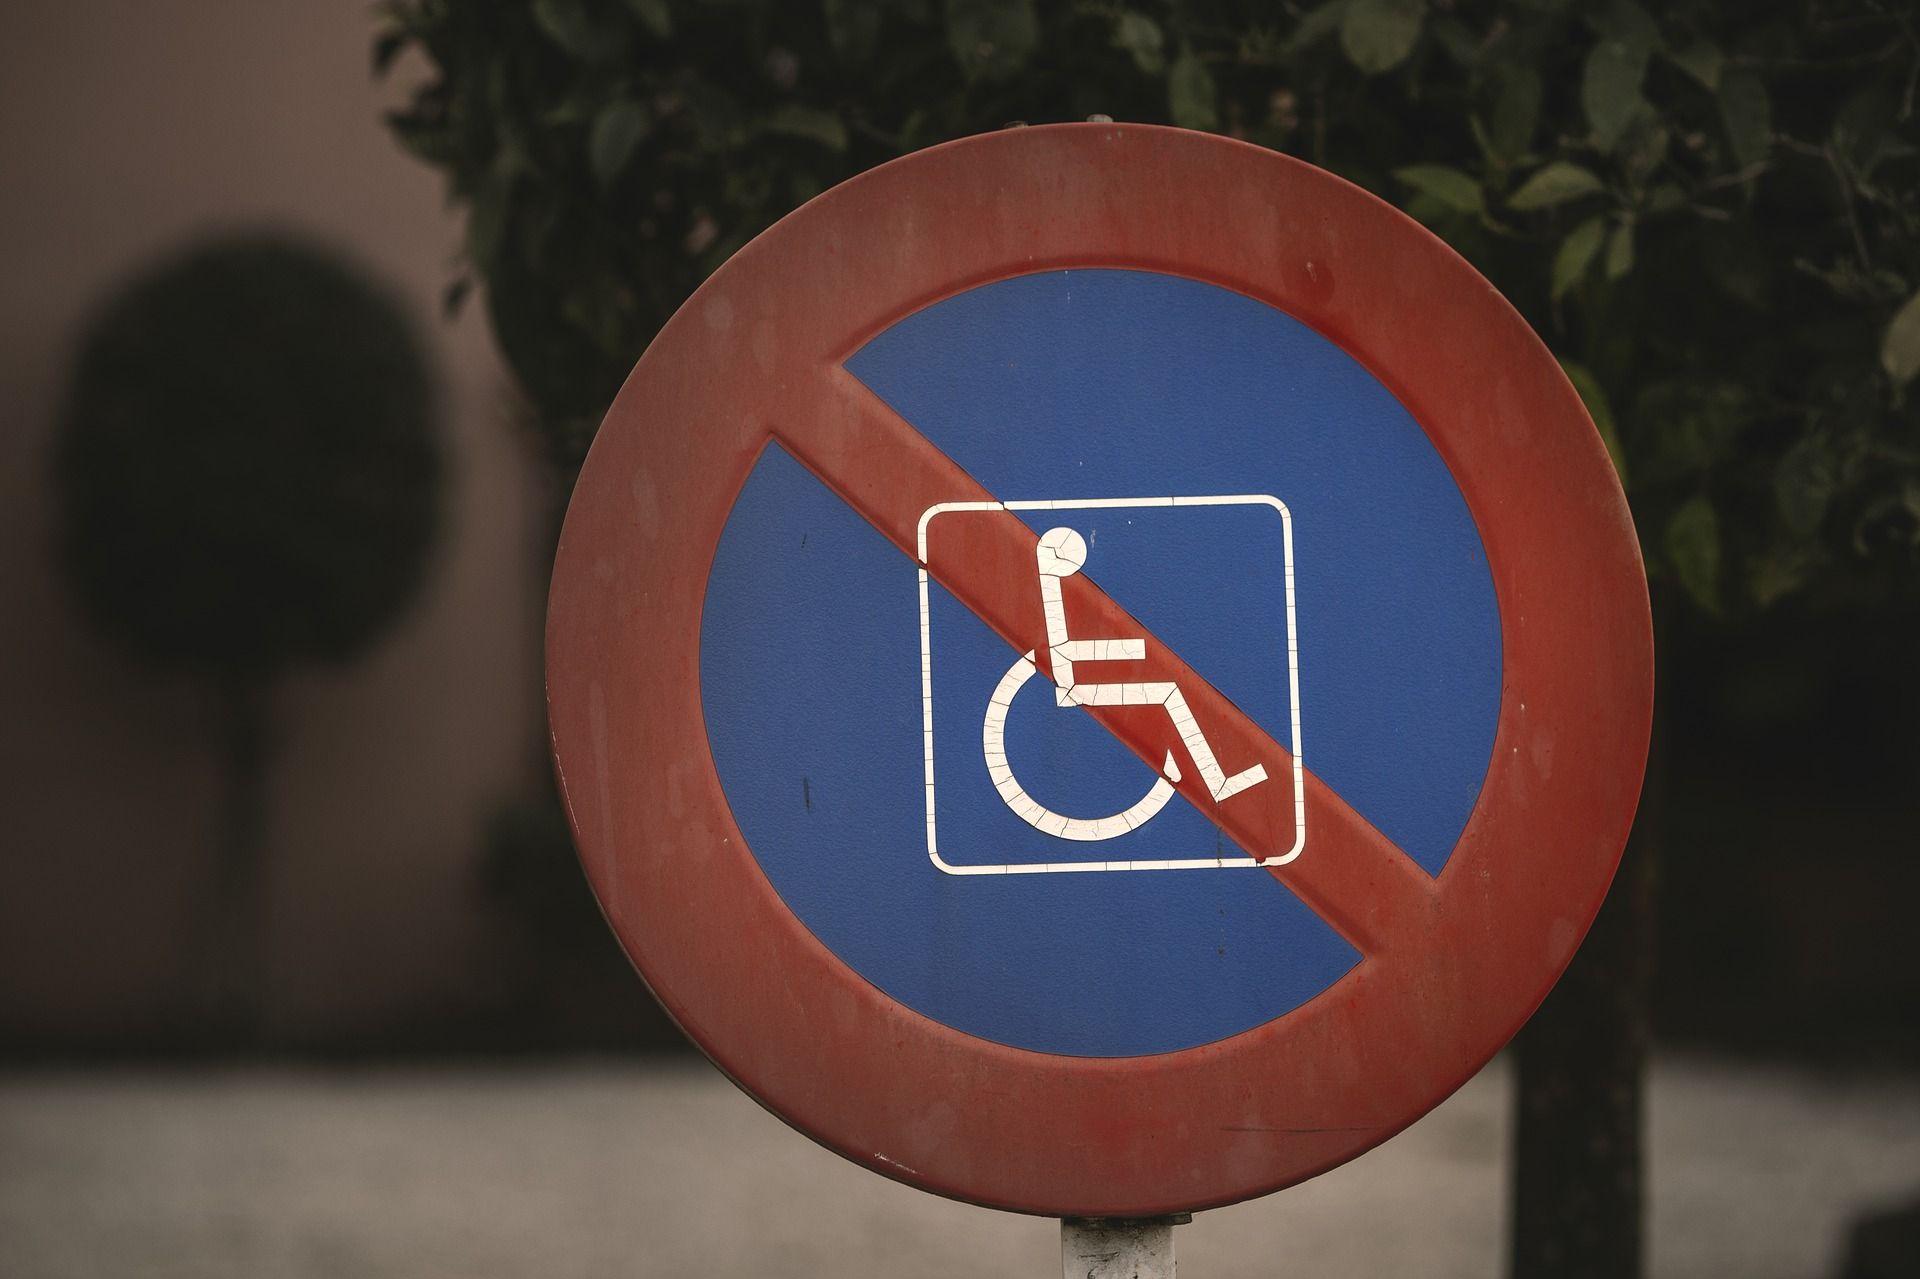 تابلو برای افراد دارای معلولیت